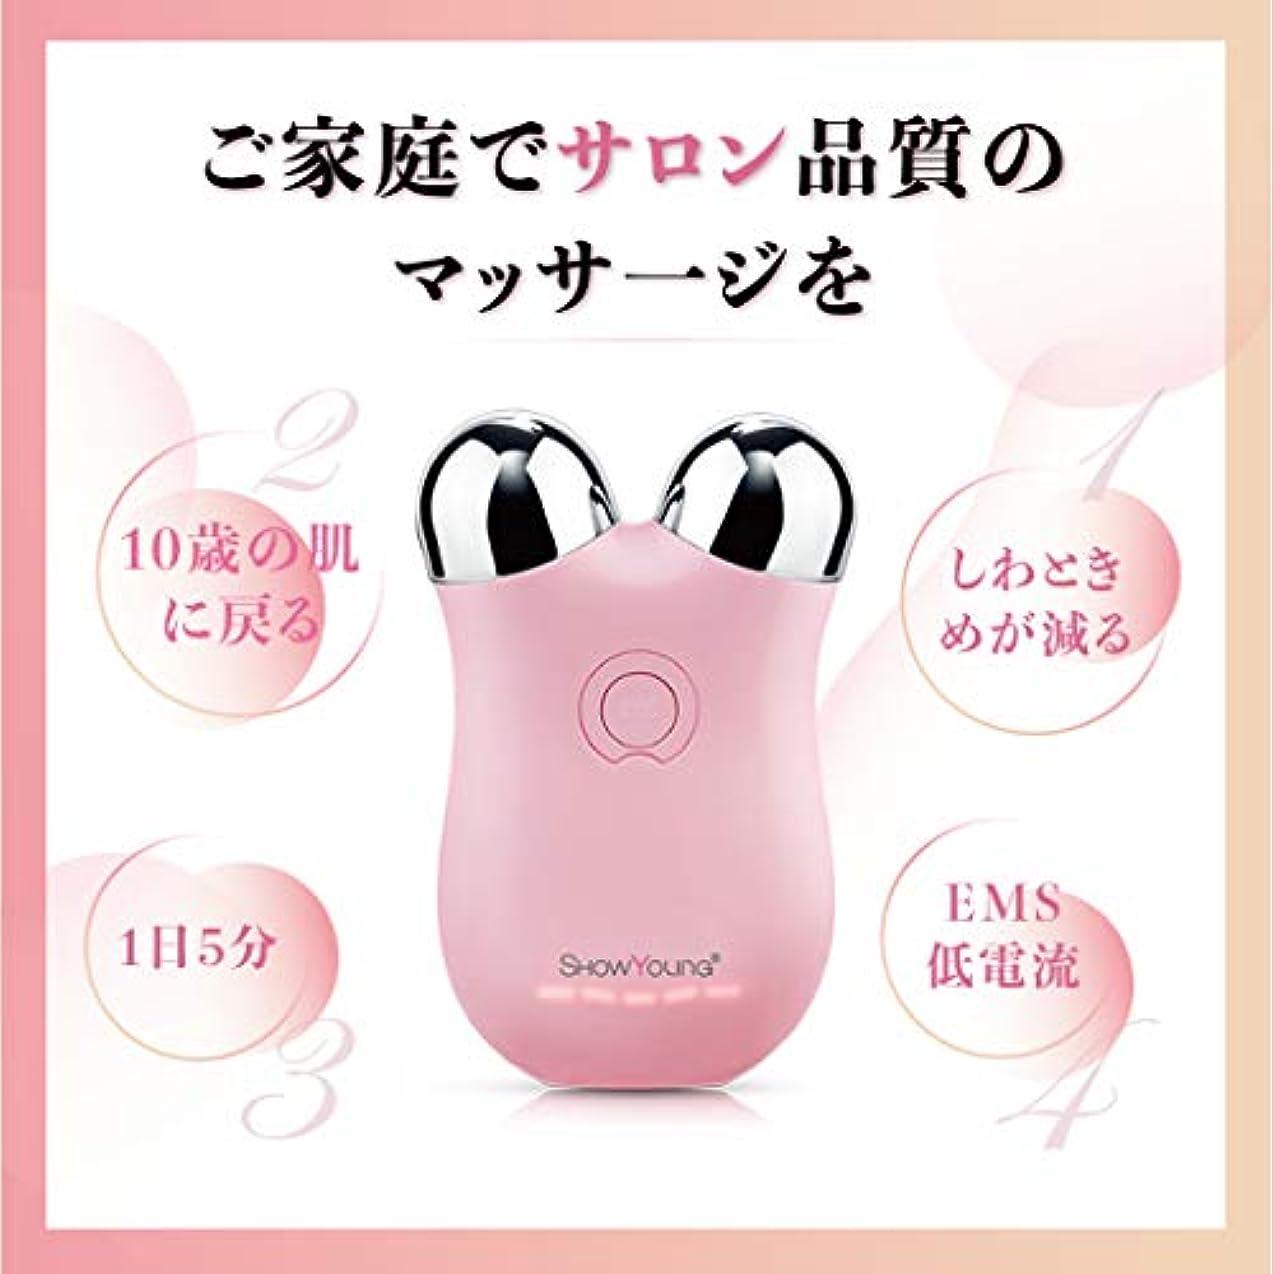 アプローチご予約センサーShowyoung 微小電流ミニ顔マッサージ器、顔の調色装置、しわと細紋の減少、皮膚、リンパのマッサージ、調整の質、2年の品質の保証に用いる。